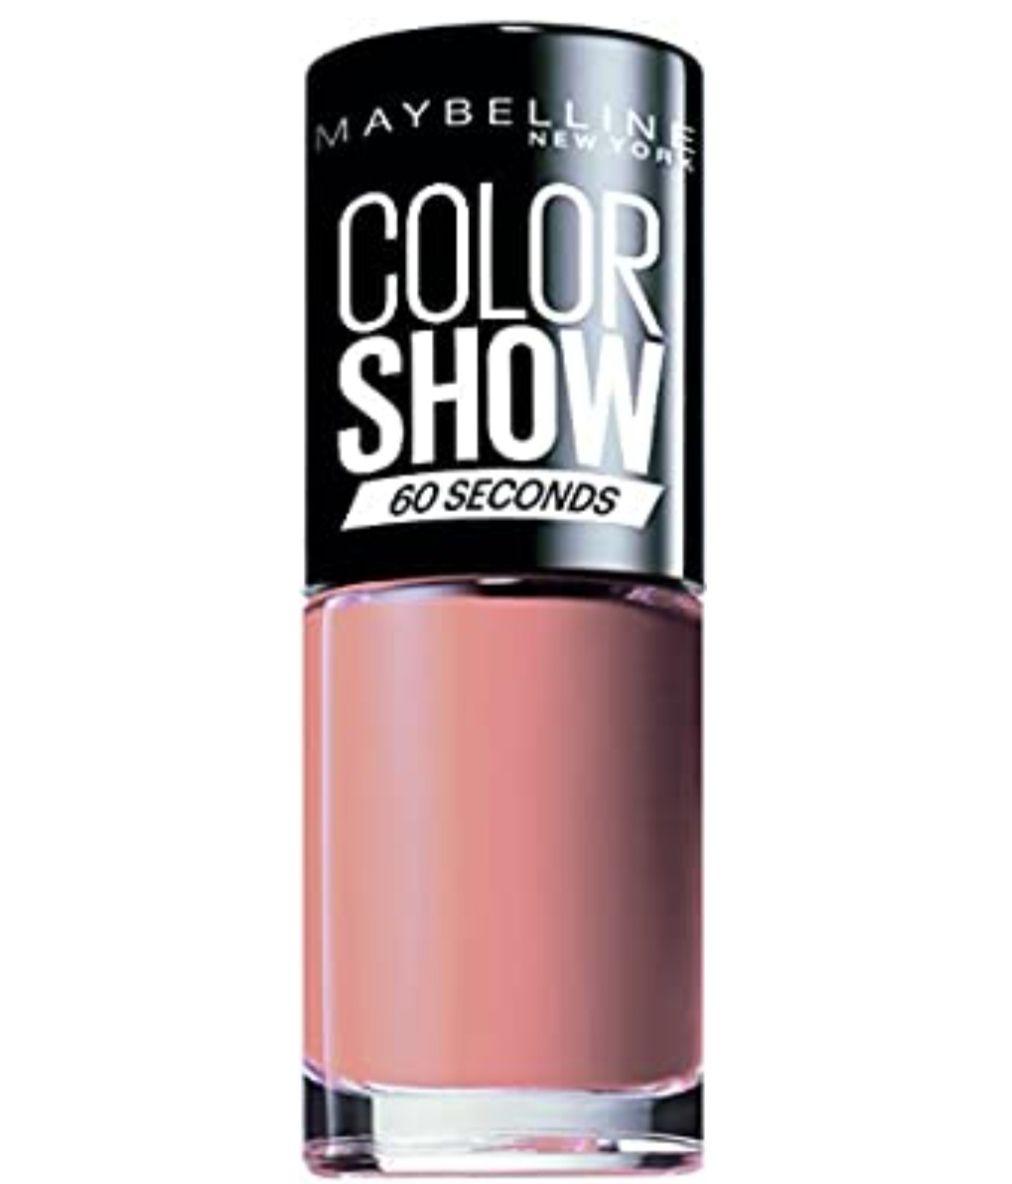 Maybelline New York Color Show, Esmalte de Uñas Secado Rápido. (Varios Tonos)